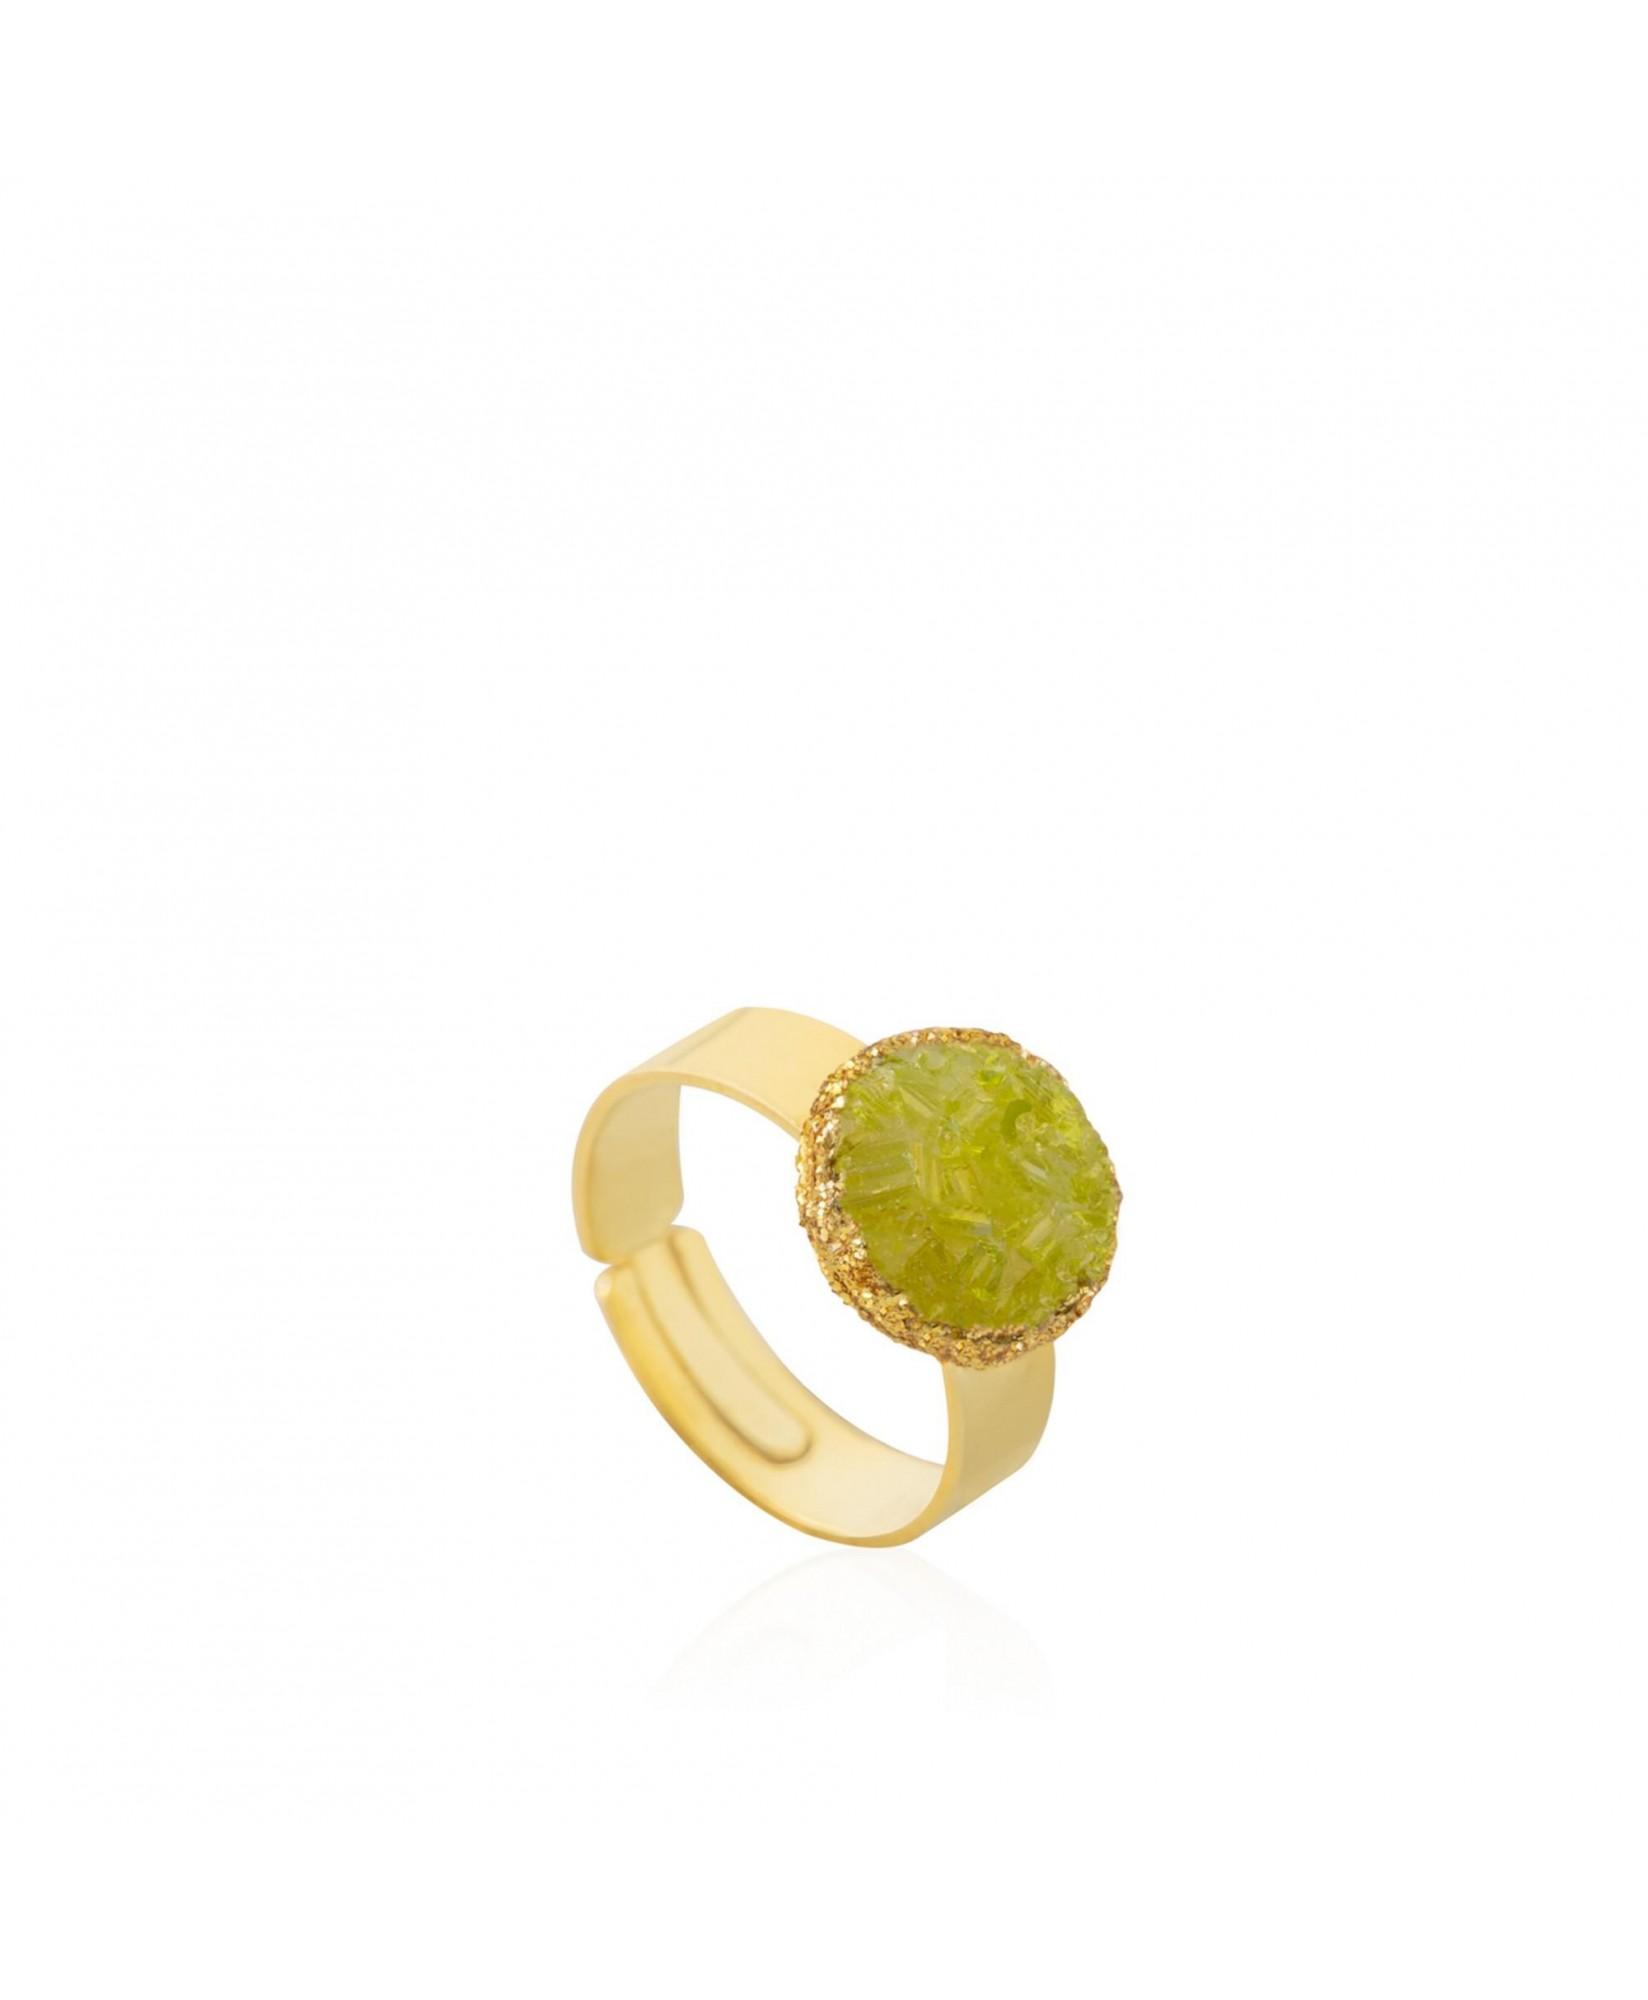 Anillo oro Olivine con piedra verde olivina Anillo oro Olivine con piedra verde olivina